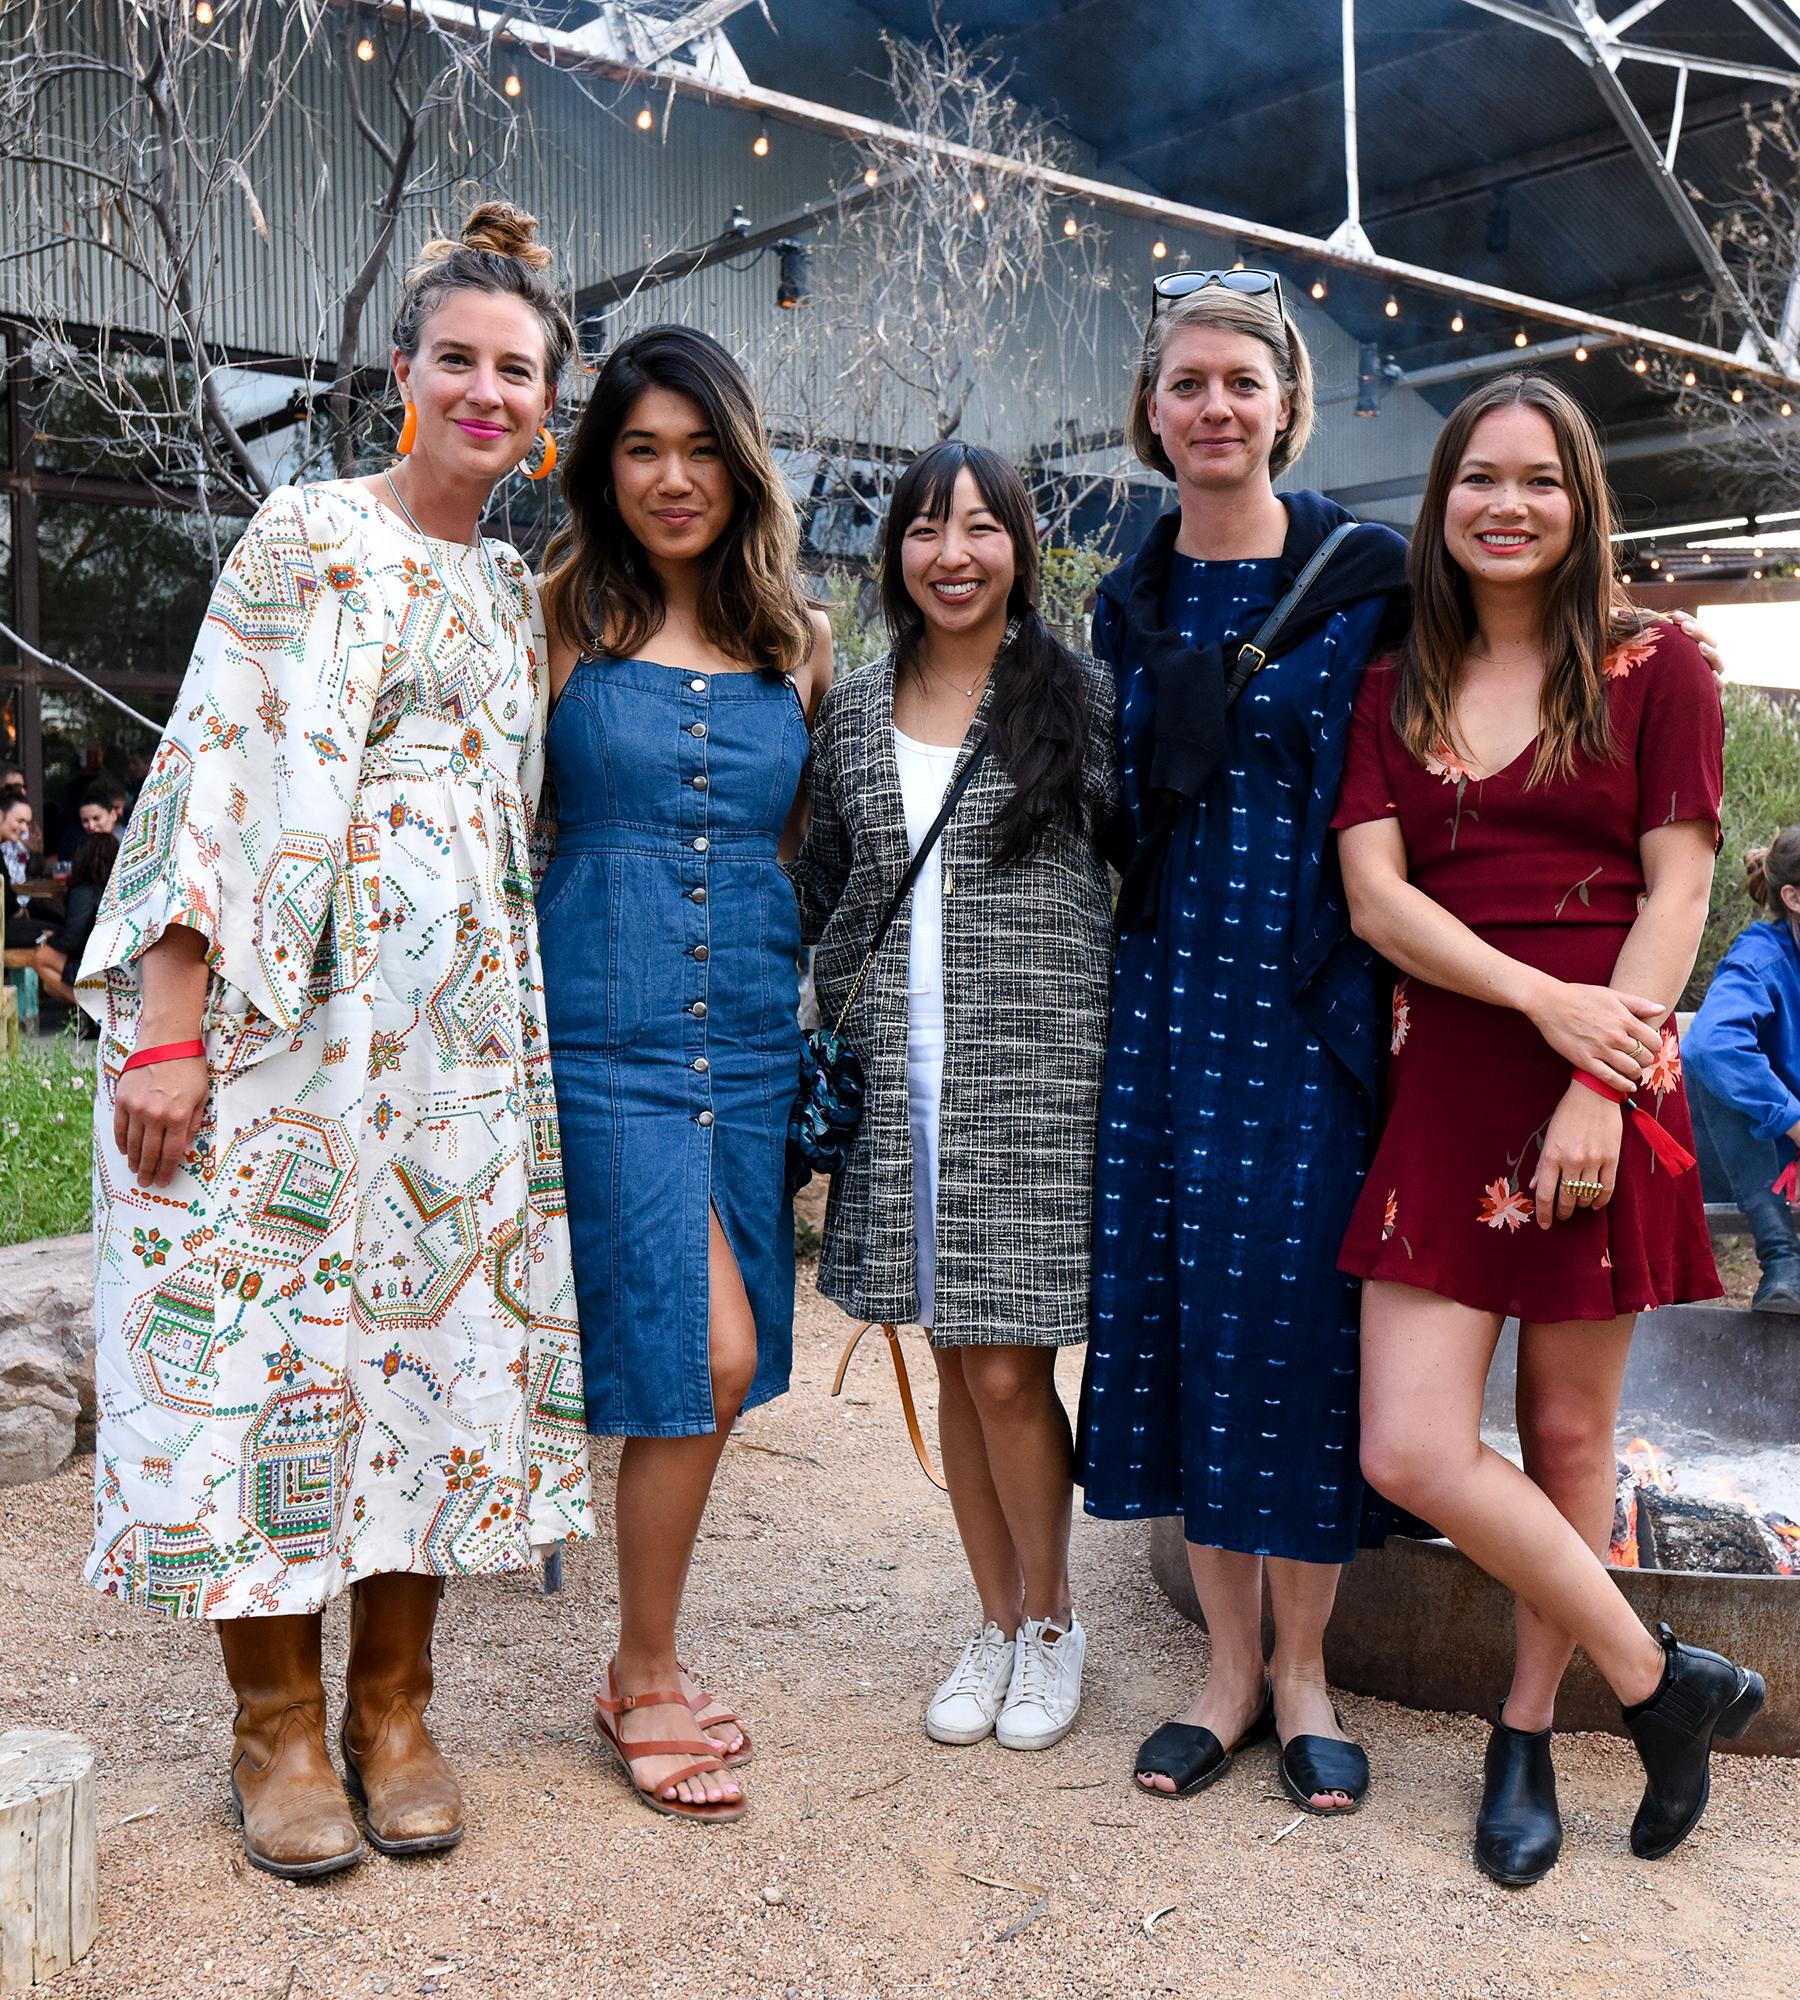 MI COCKTAIL RECEPTION + DINNER | THE CAPRI | MARFA  Elise Pepple, Kristina Lee, Kim Ishikawa, Kristina Fort, Sarah Miller